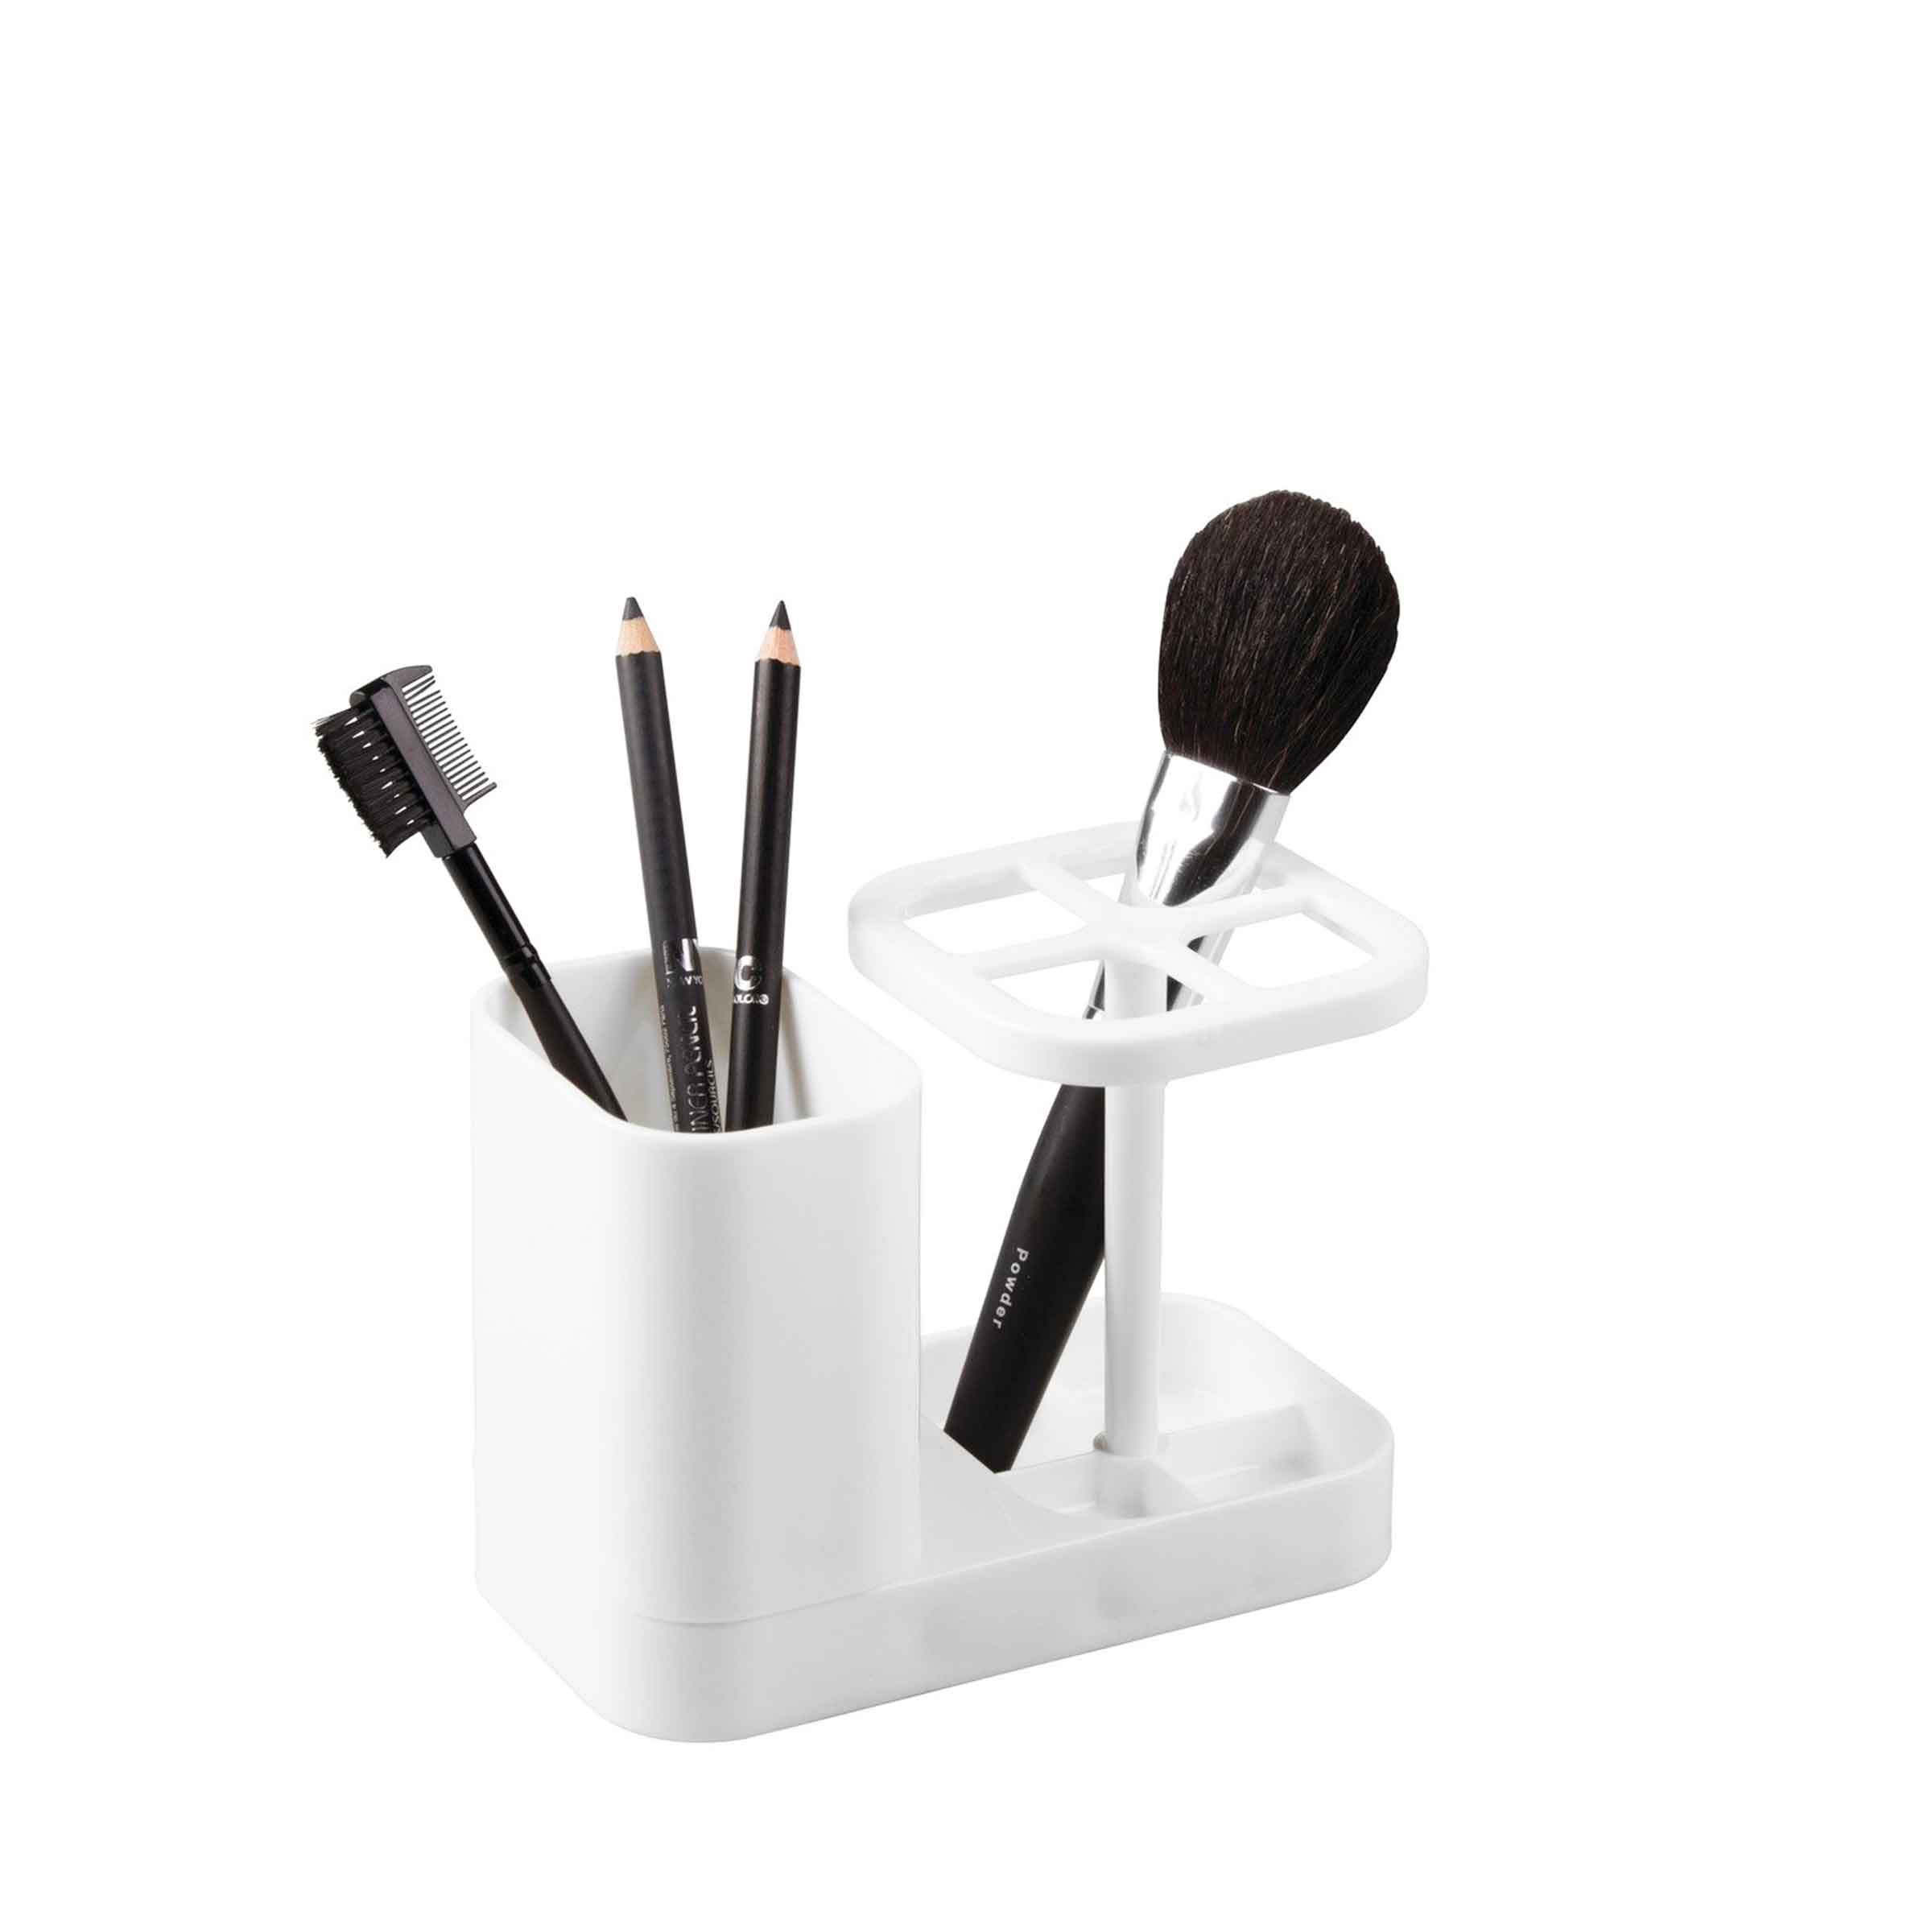 Porte pinceaux de maquillage en plastique blanc